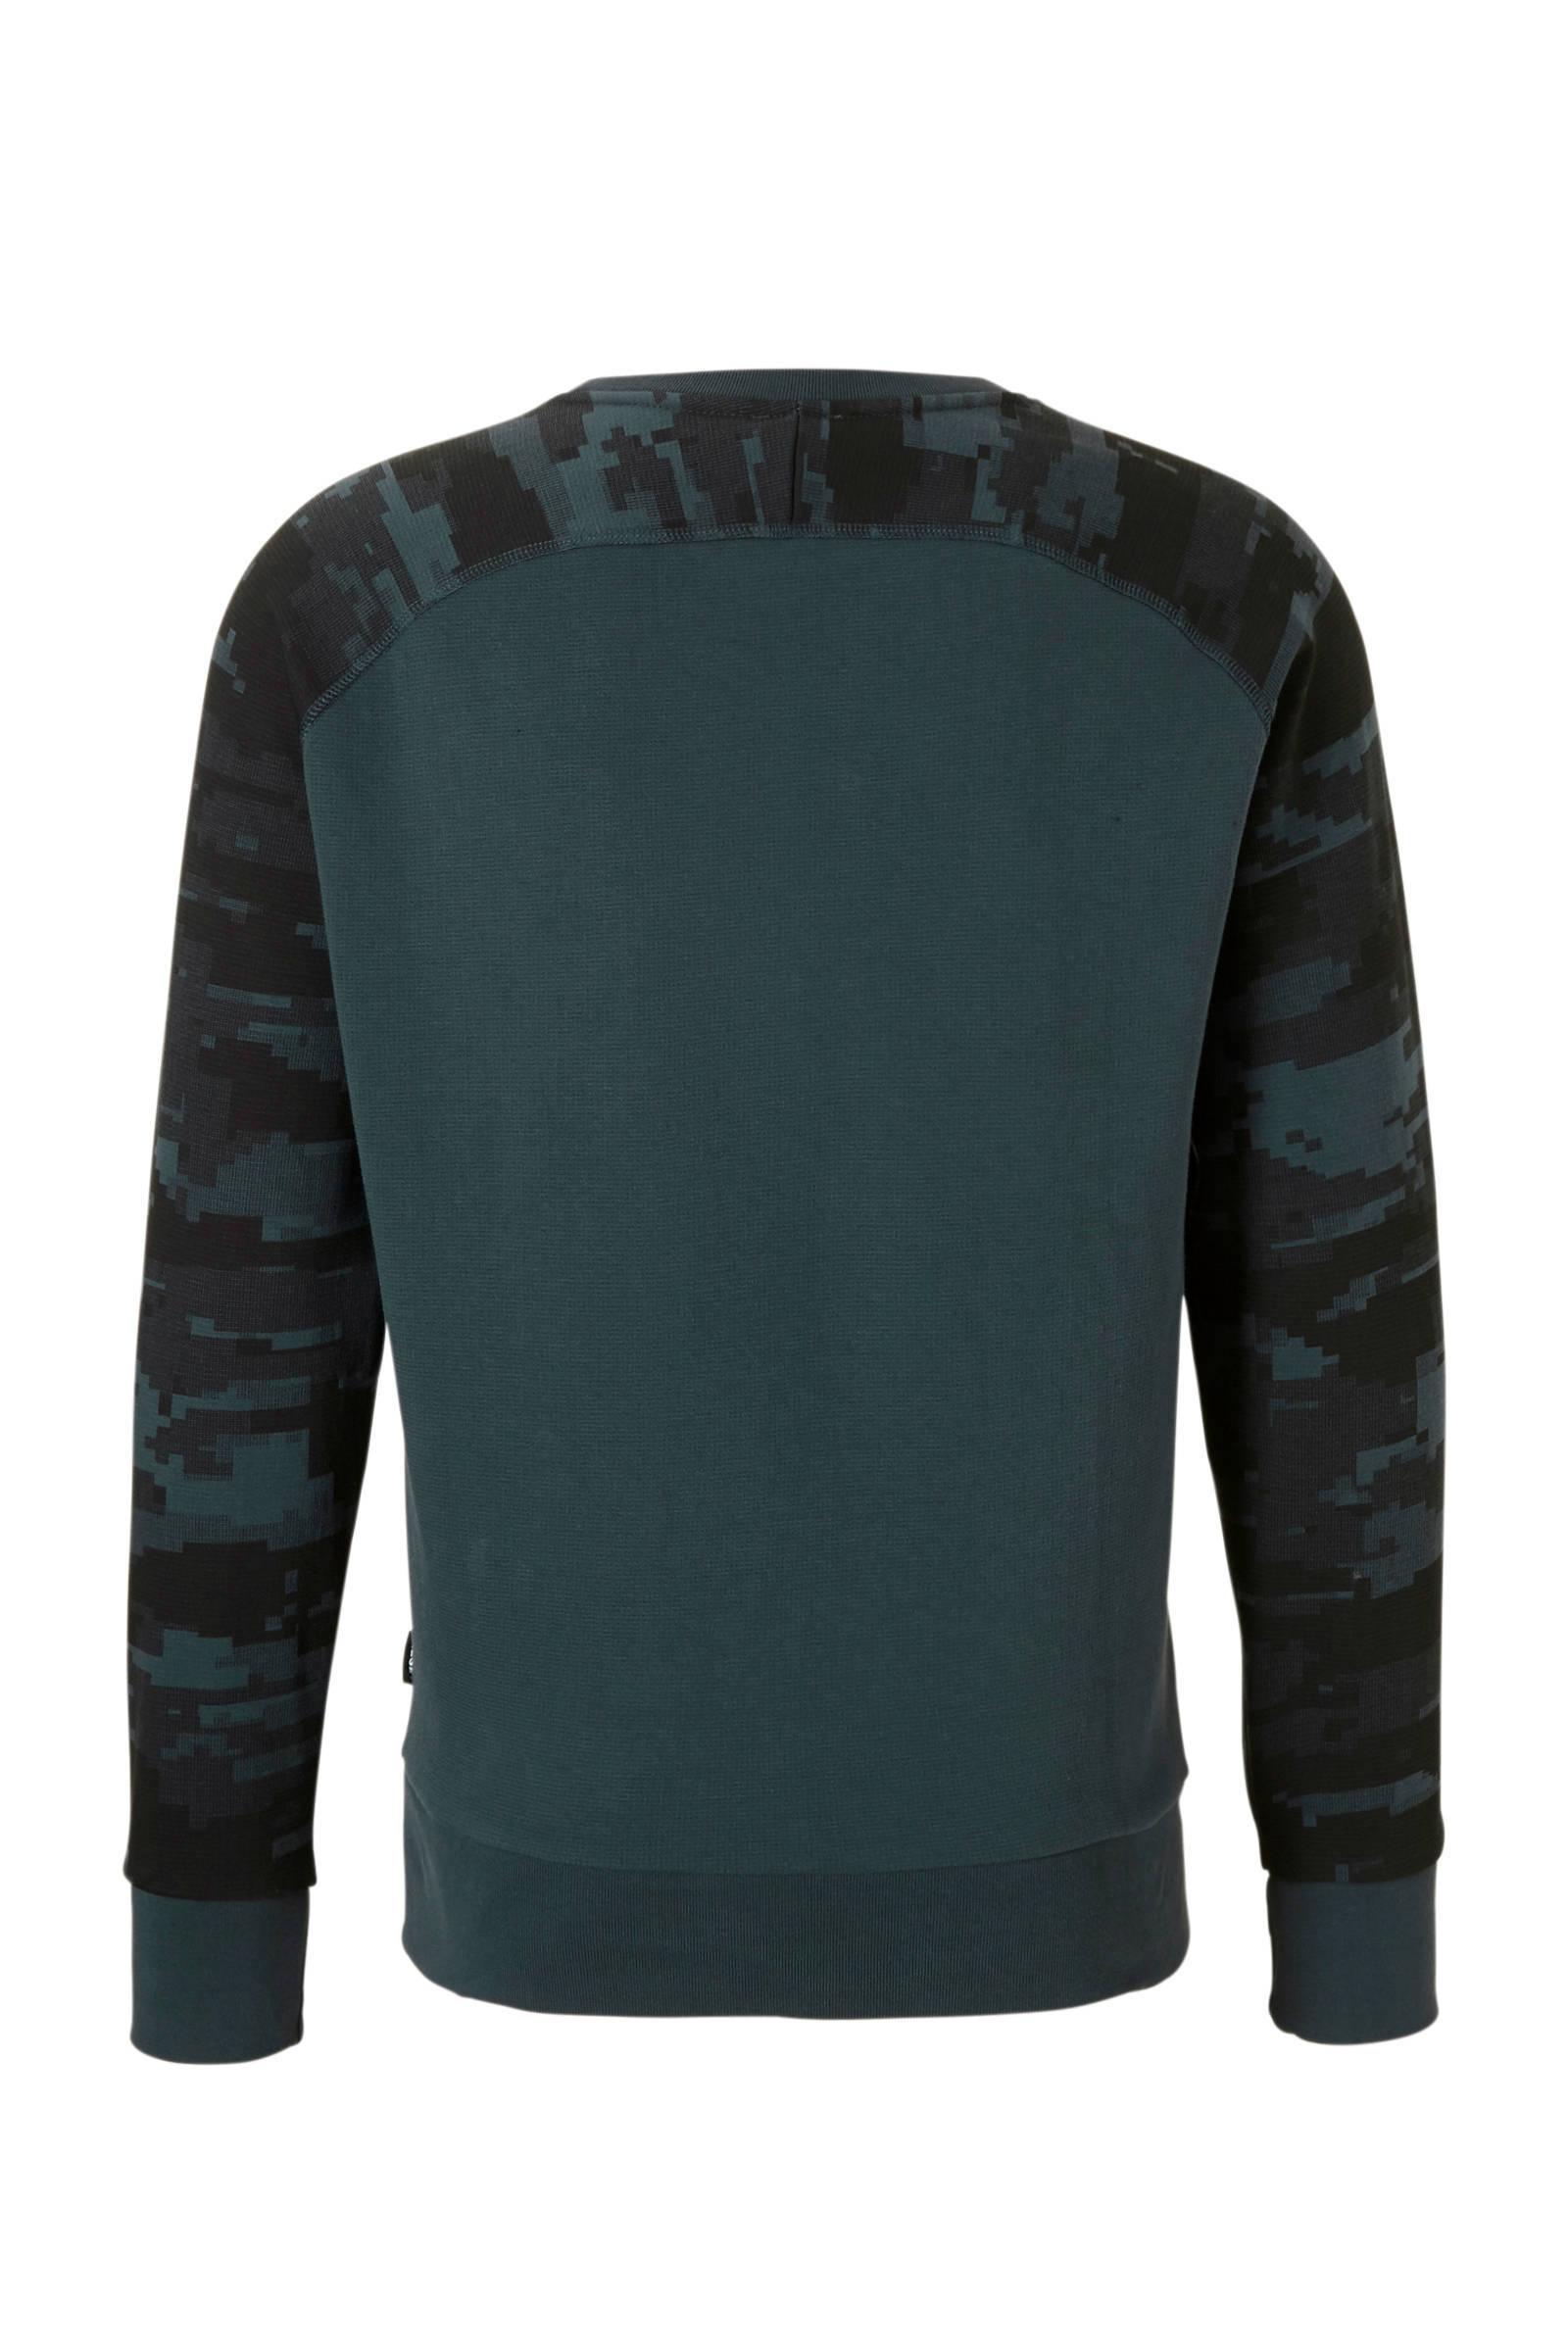 blauw zwart sweater Diesel sweater Diesel xavttB